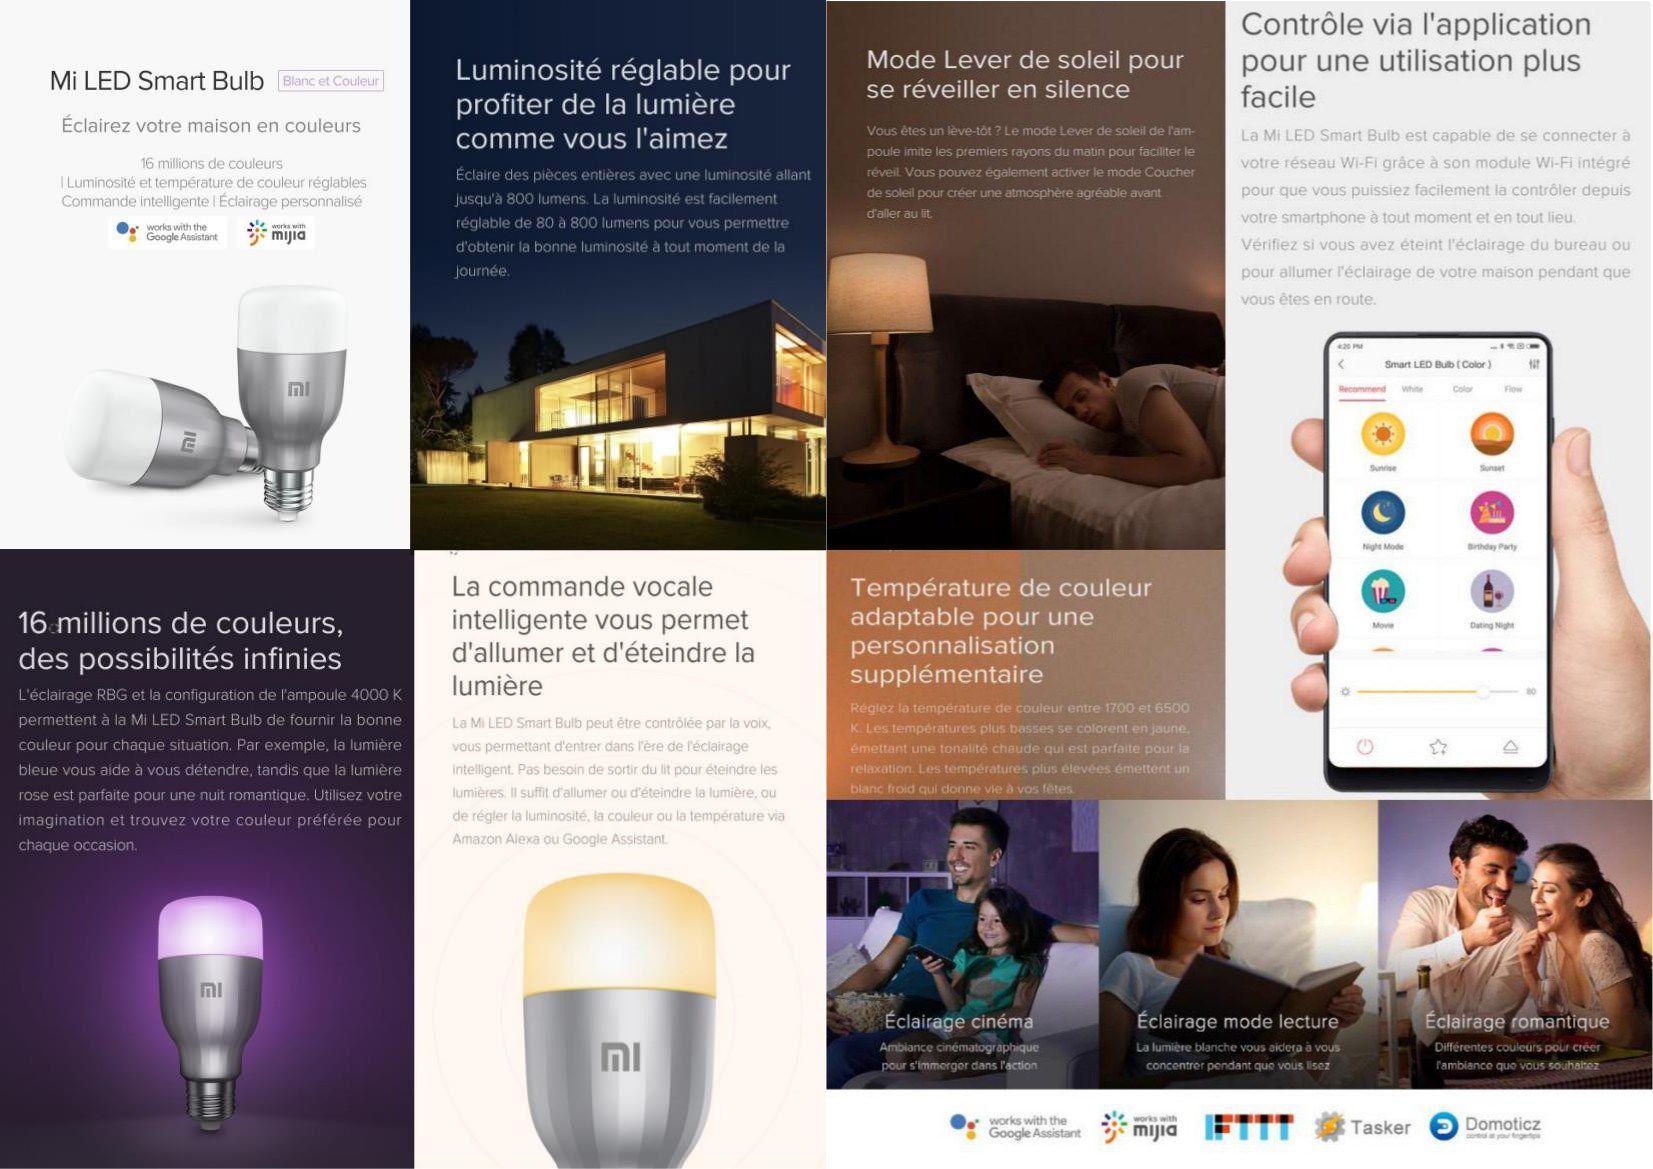 Vente Connectée E27 Ampoule Achat Led 800lm 10w Xiaomi 2WE9IDH